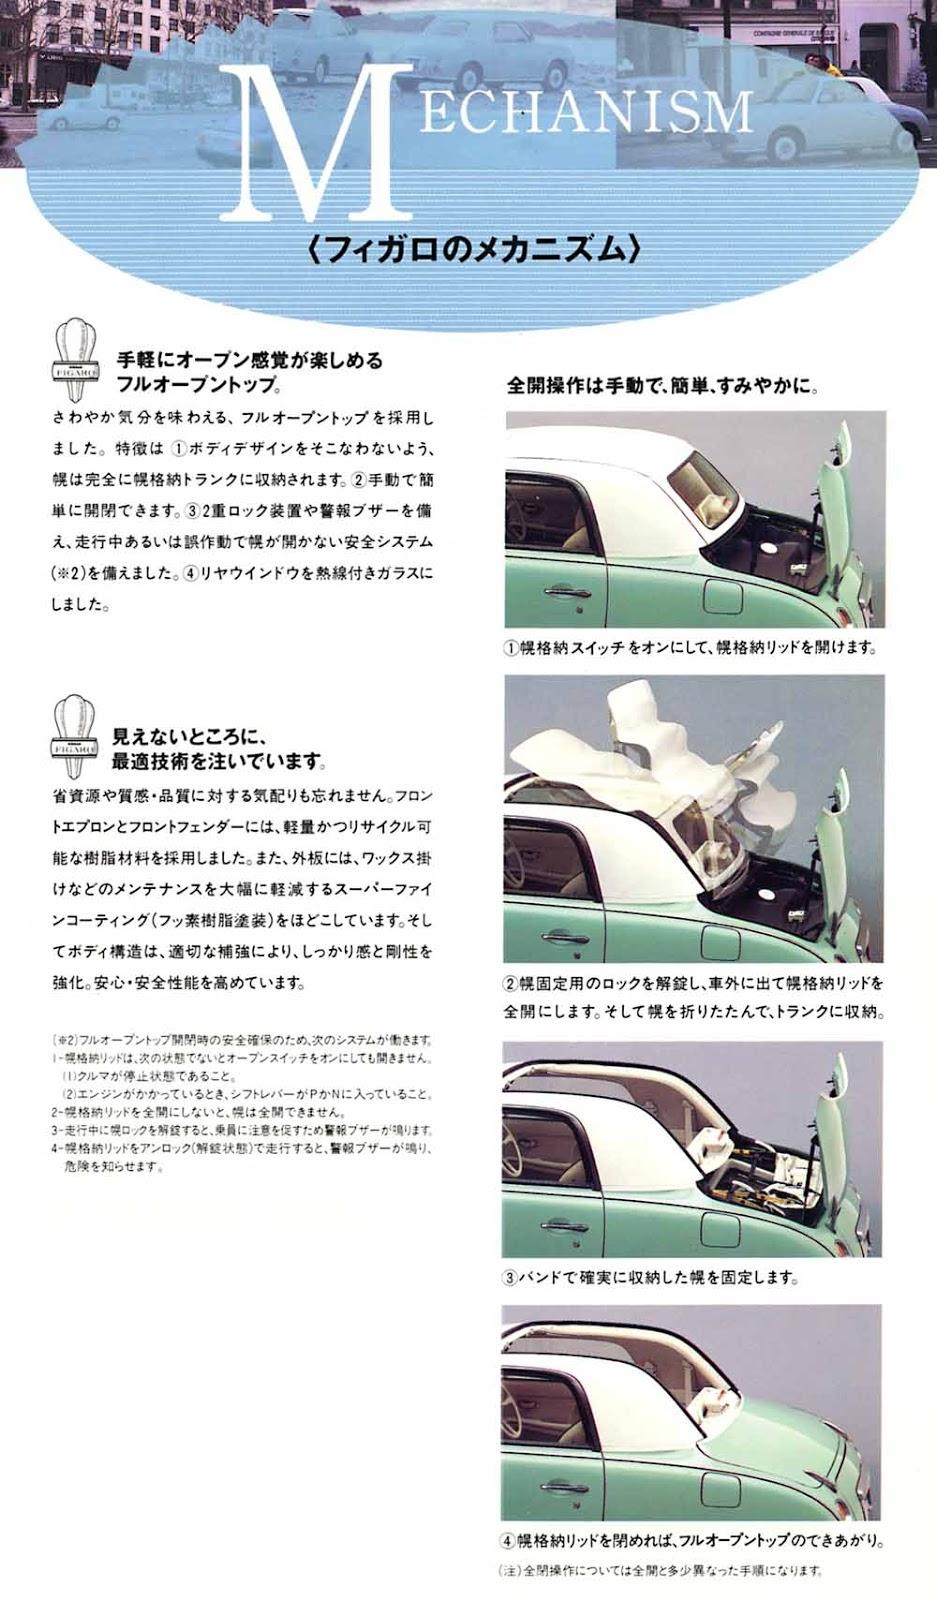 Nissan Figaro, FK10, JDM, turbo, retro, pike car, limited, unique, classic, japoński, stary, samochód, unikalny, klasyczny, mały, 日産, 日本車, こくないせんようモデル, パイクカー